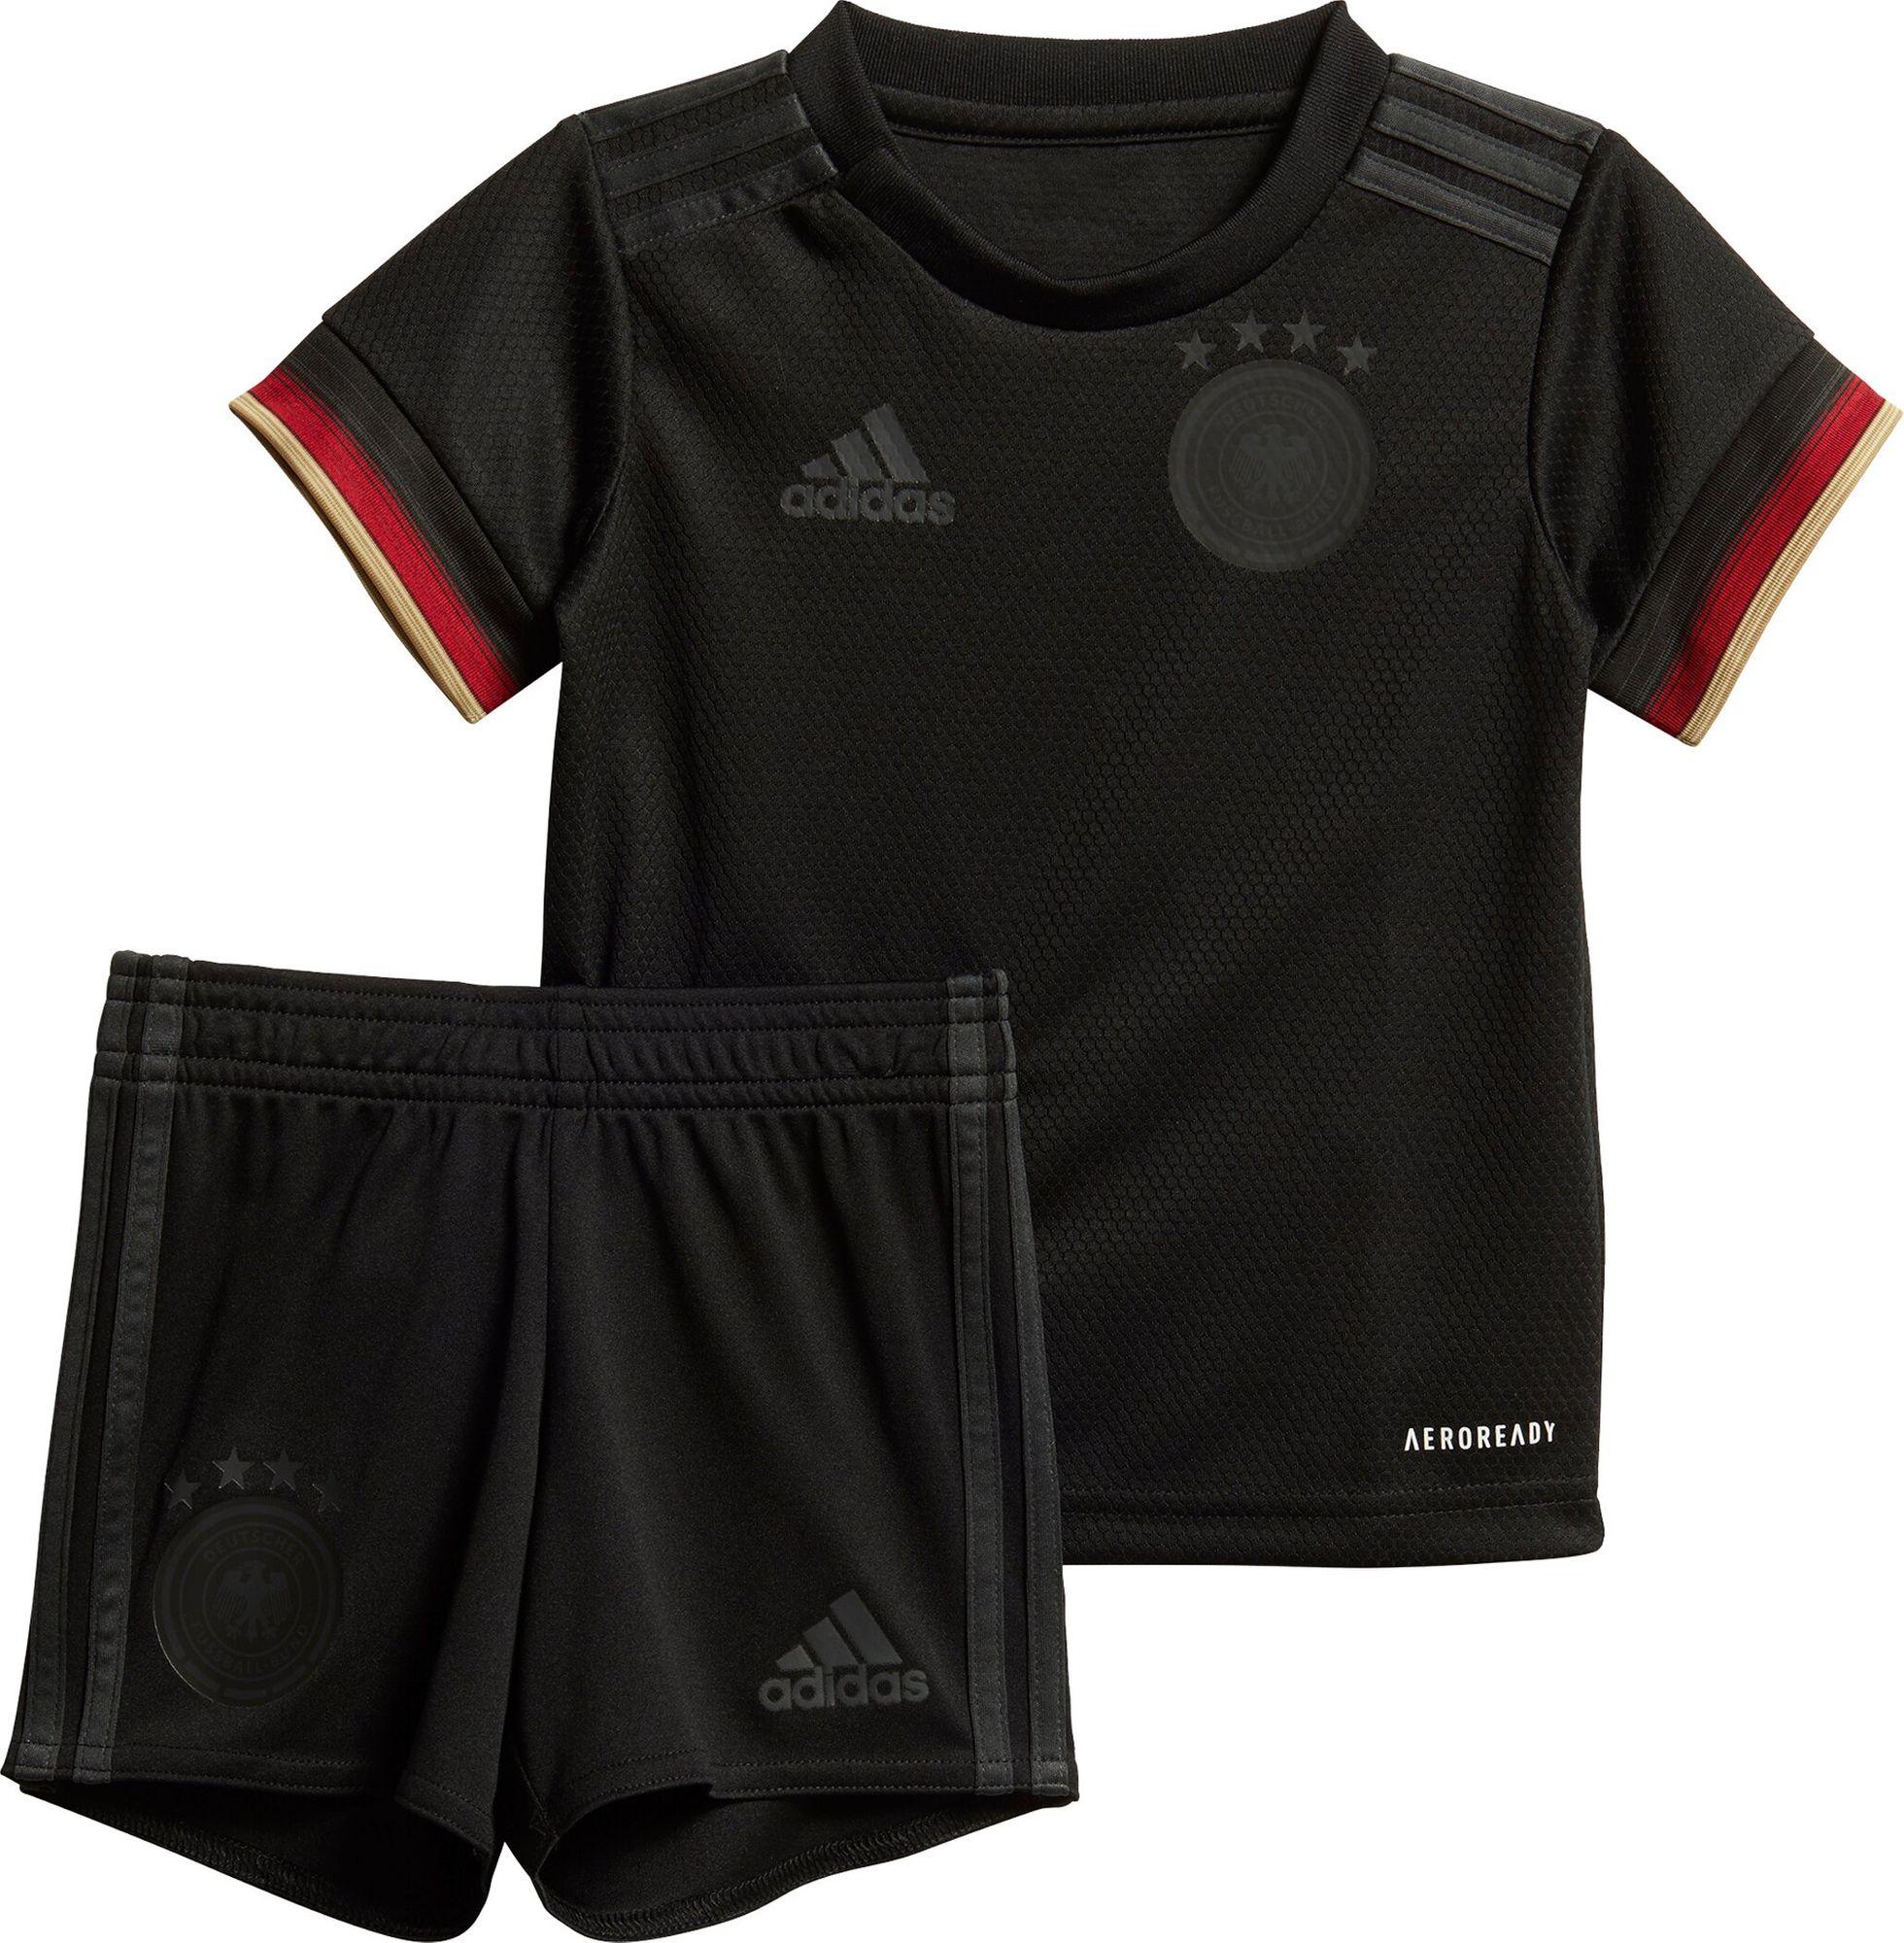 DFB Kinder Set schwarz